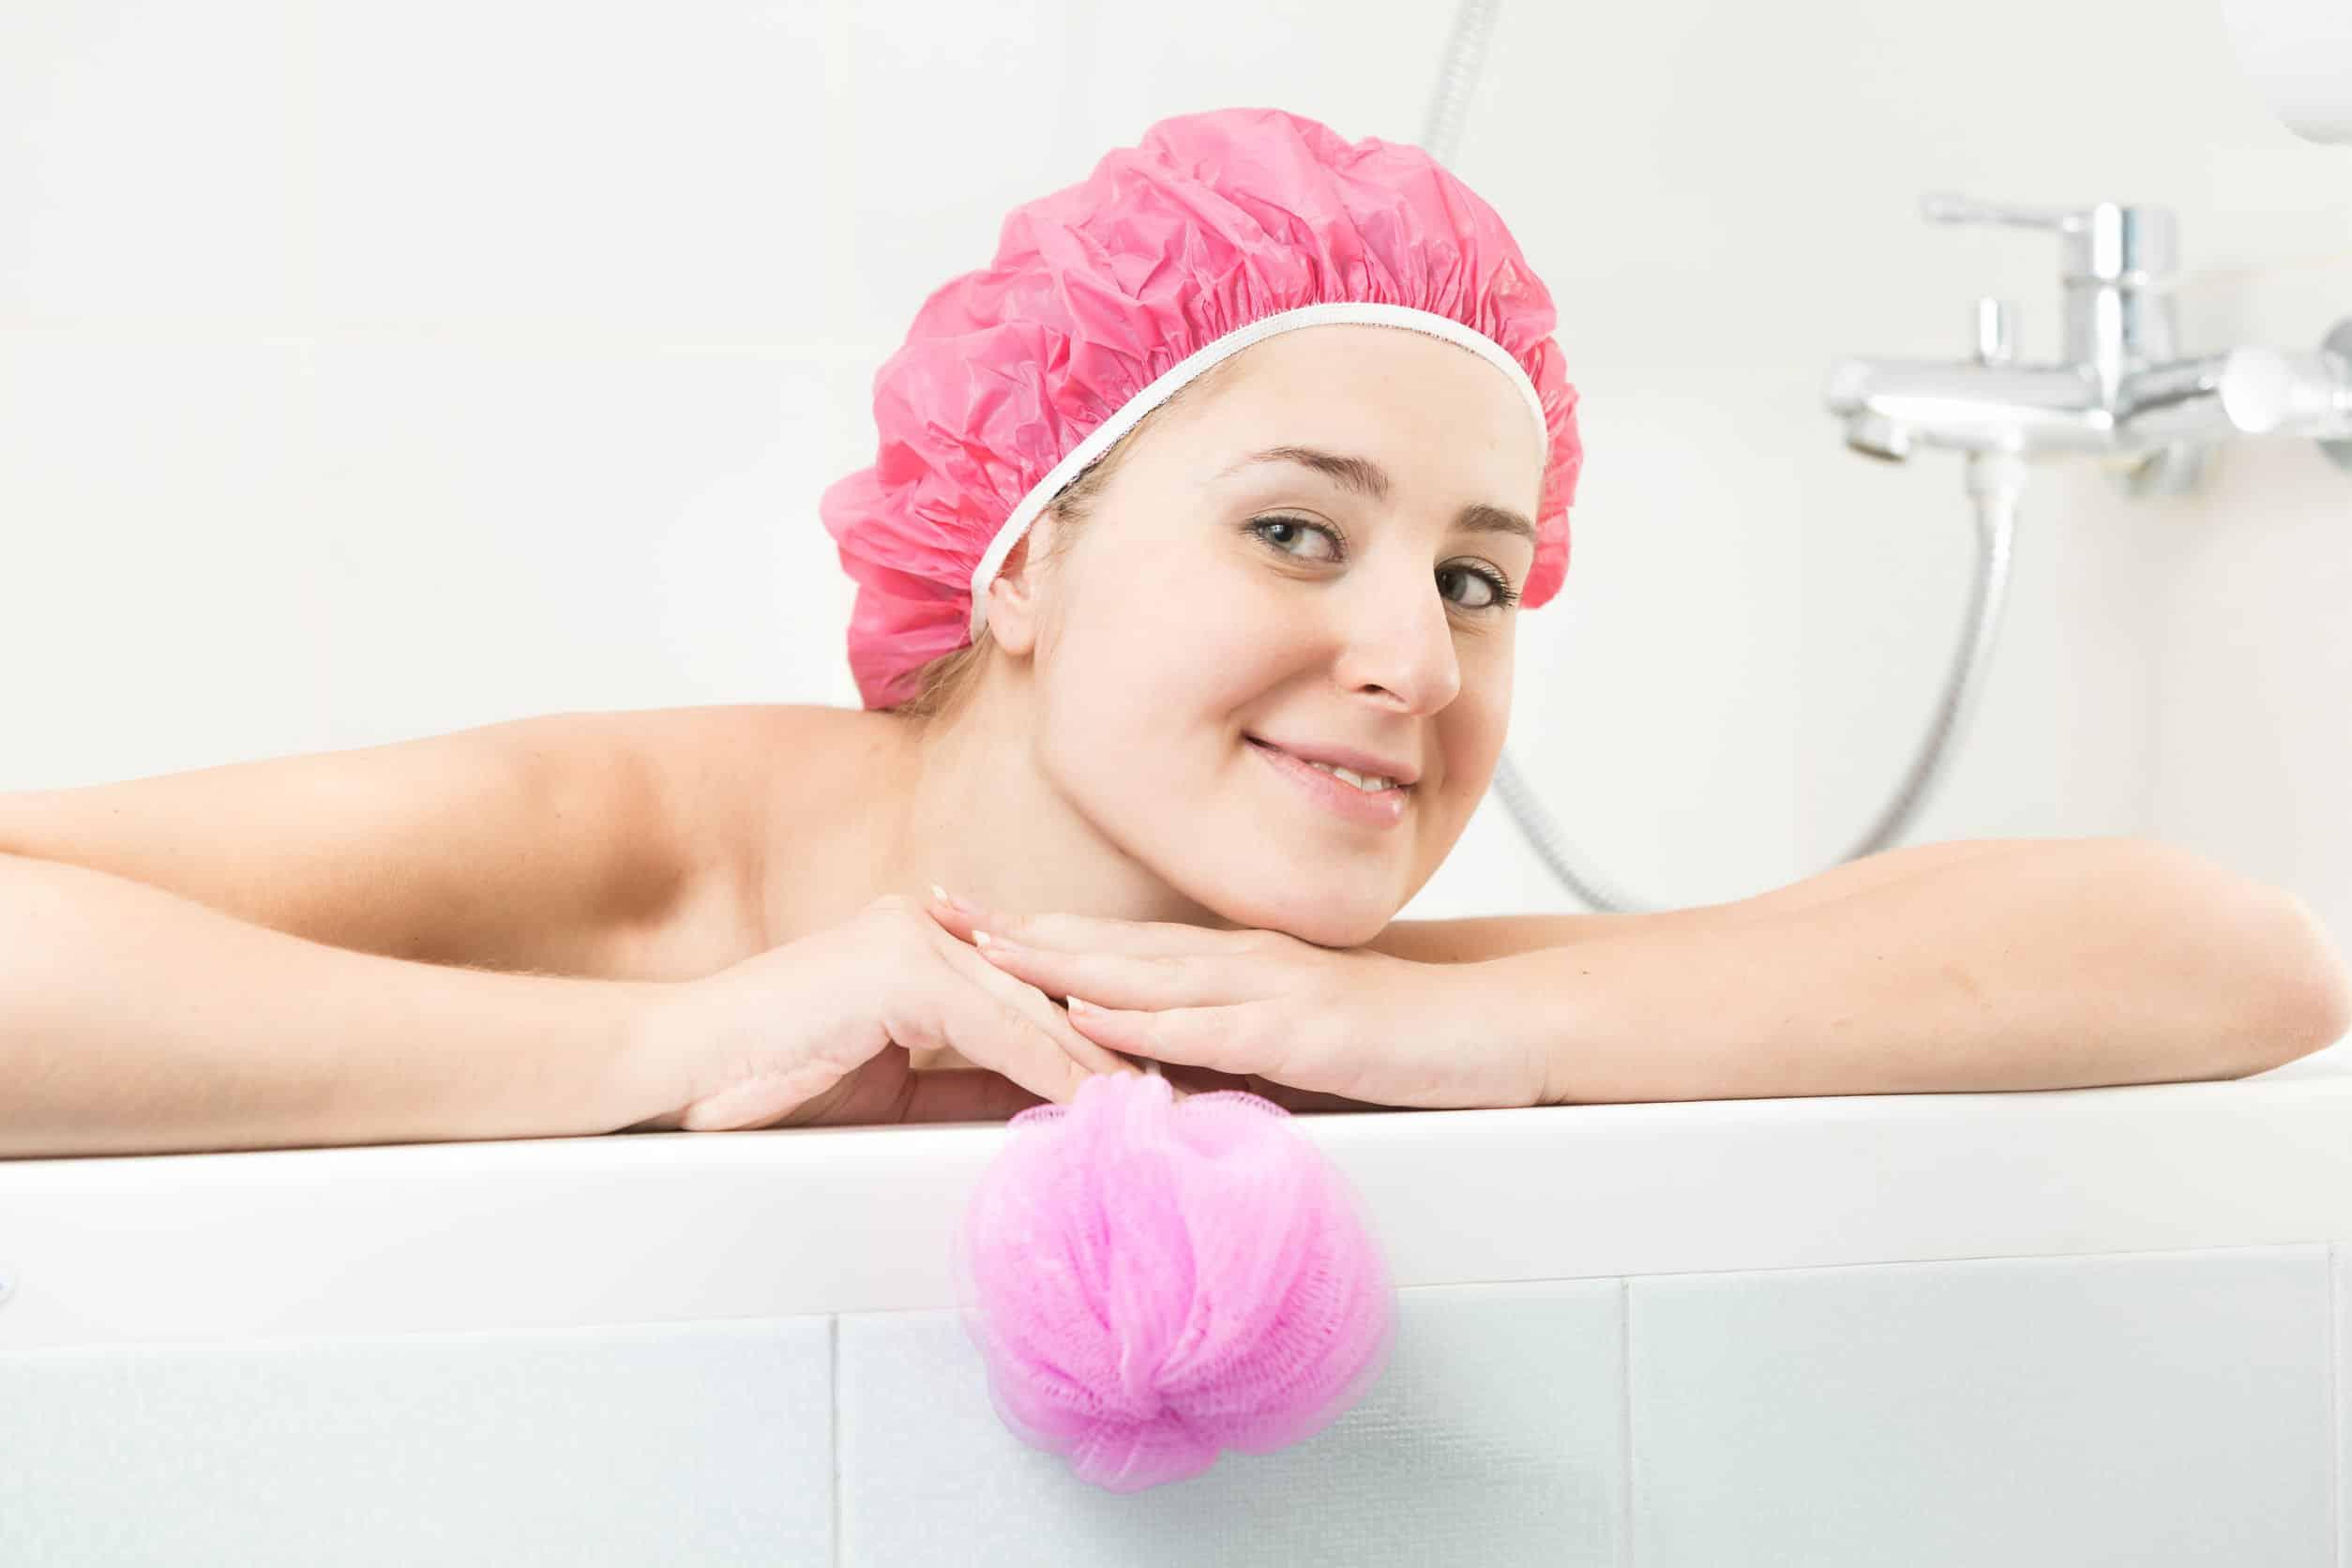 Imagem de mulher em banheira usando touca de banho.